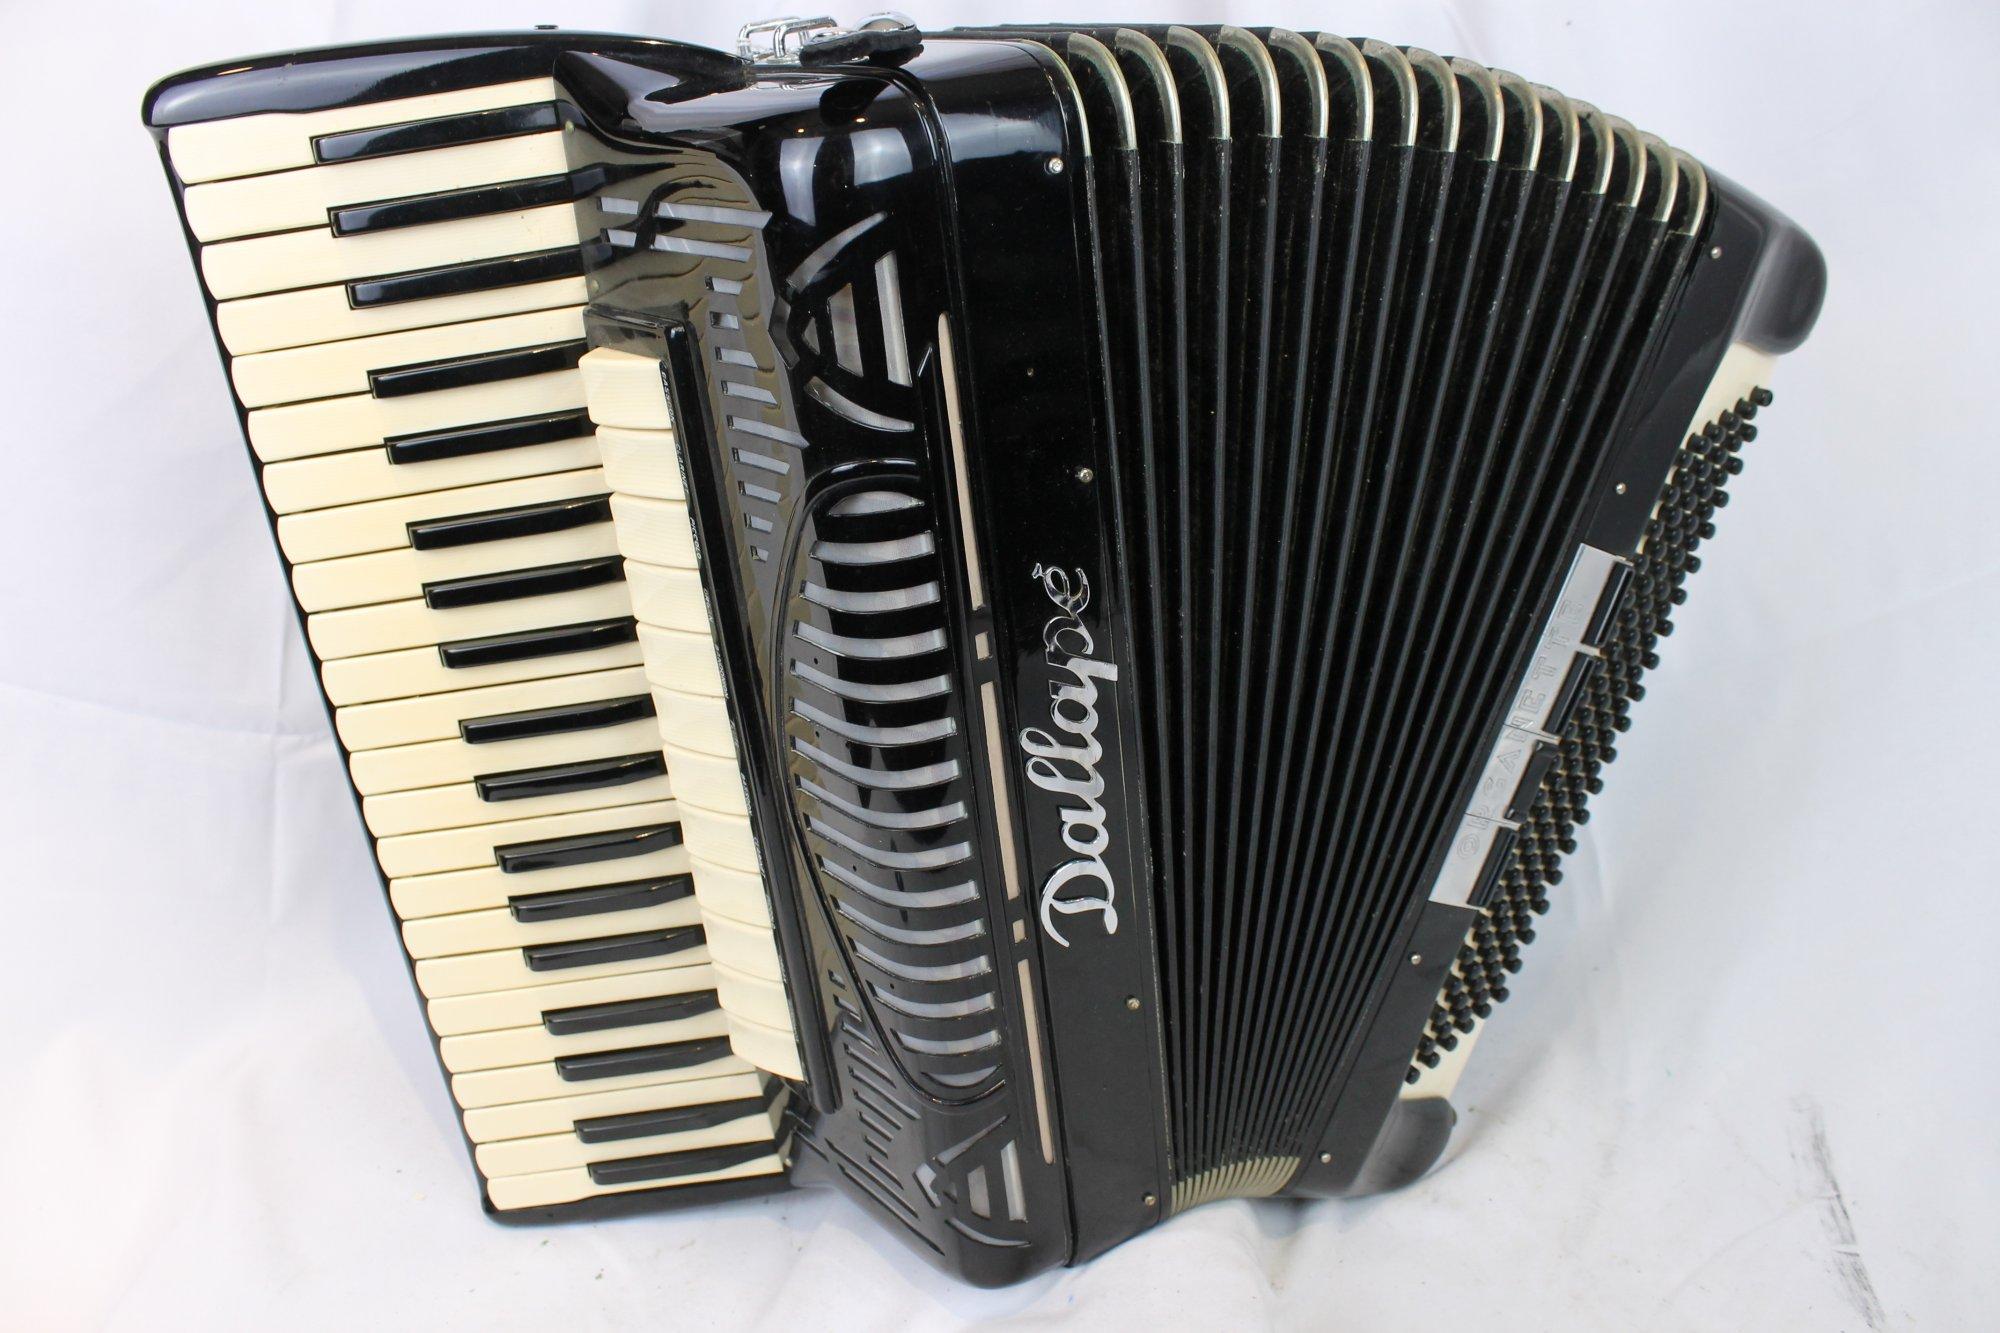 4073 - Black Dallape Organette Piano Accordion LMH 41 120